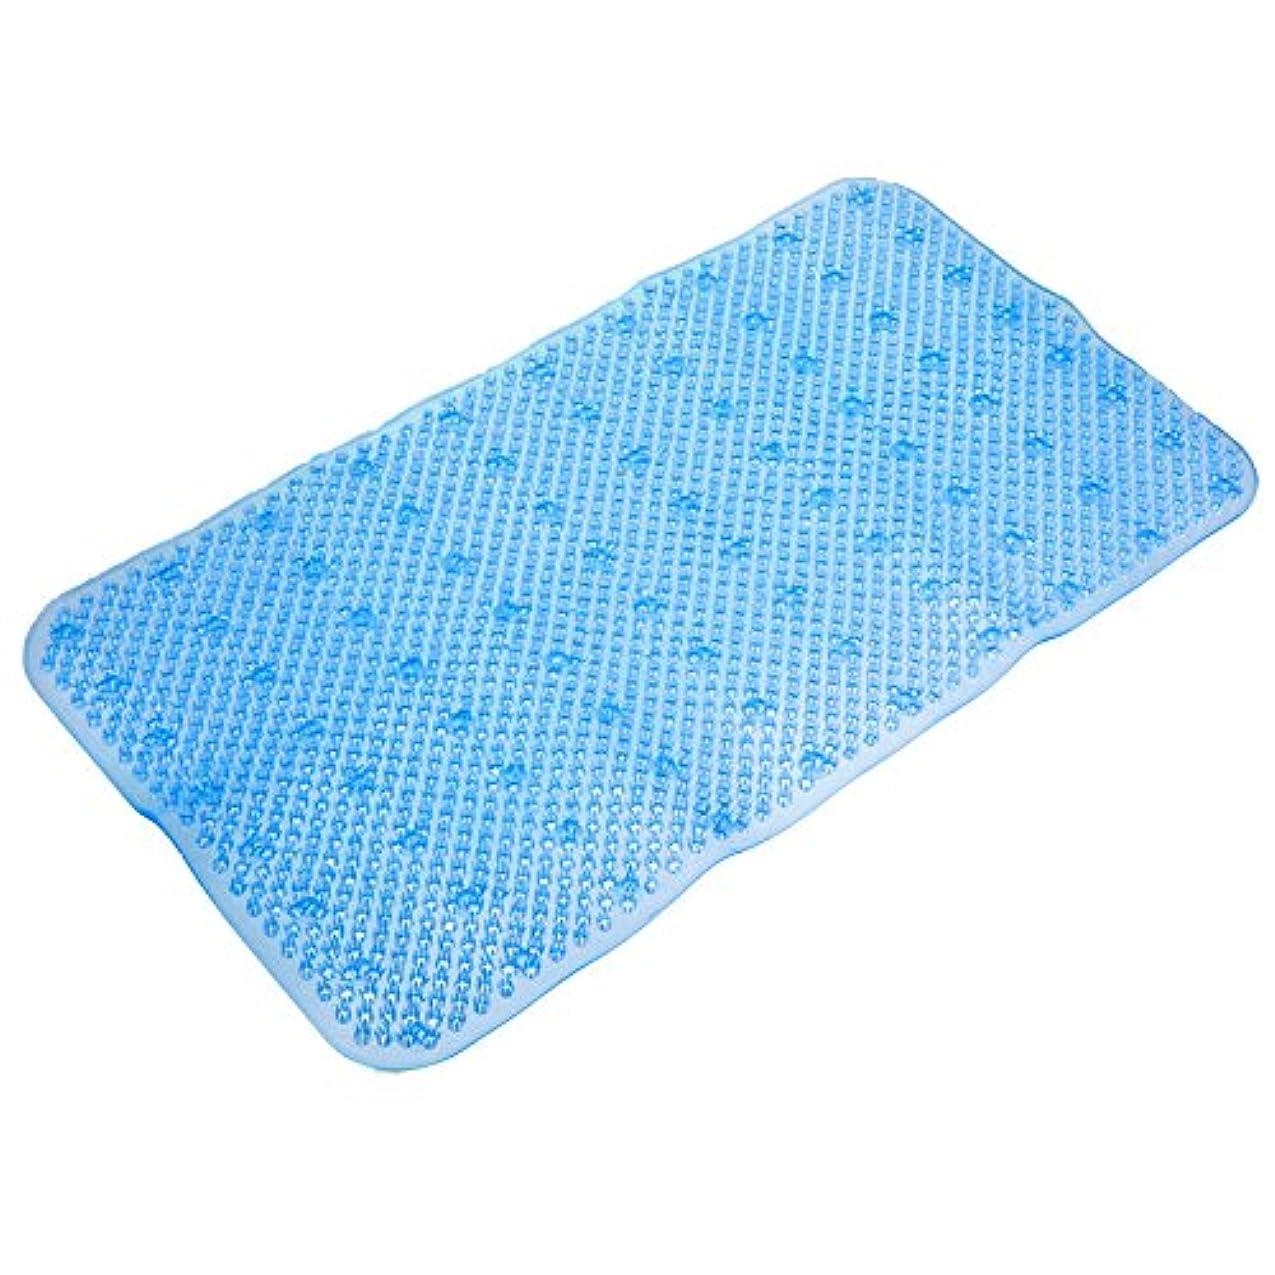 電話する休日にれる便利な pvc 34 × 64 センチ非スリップ風呂浴室シャワー トイレ アンチスリップフロアマット吸引吸盤パッド足マッサージ の敷物5色-青い